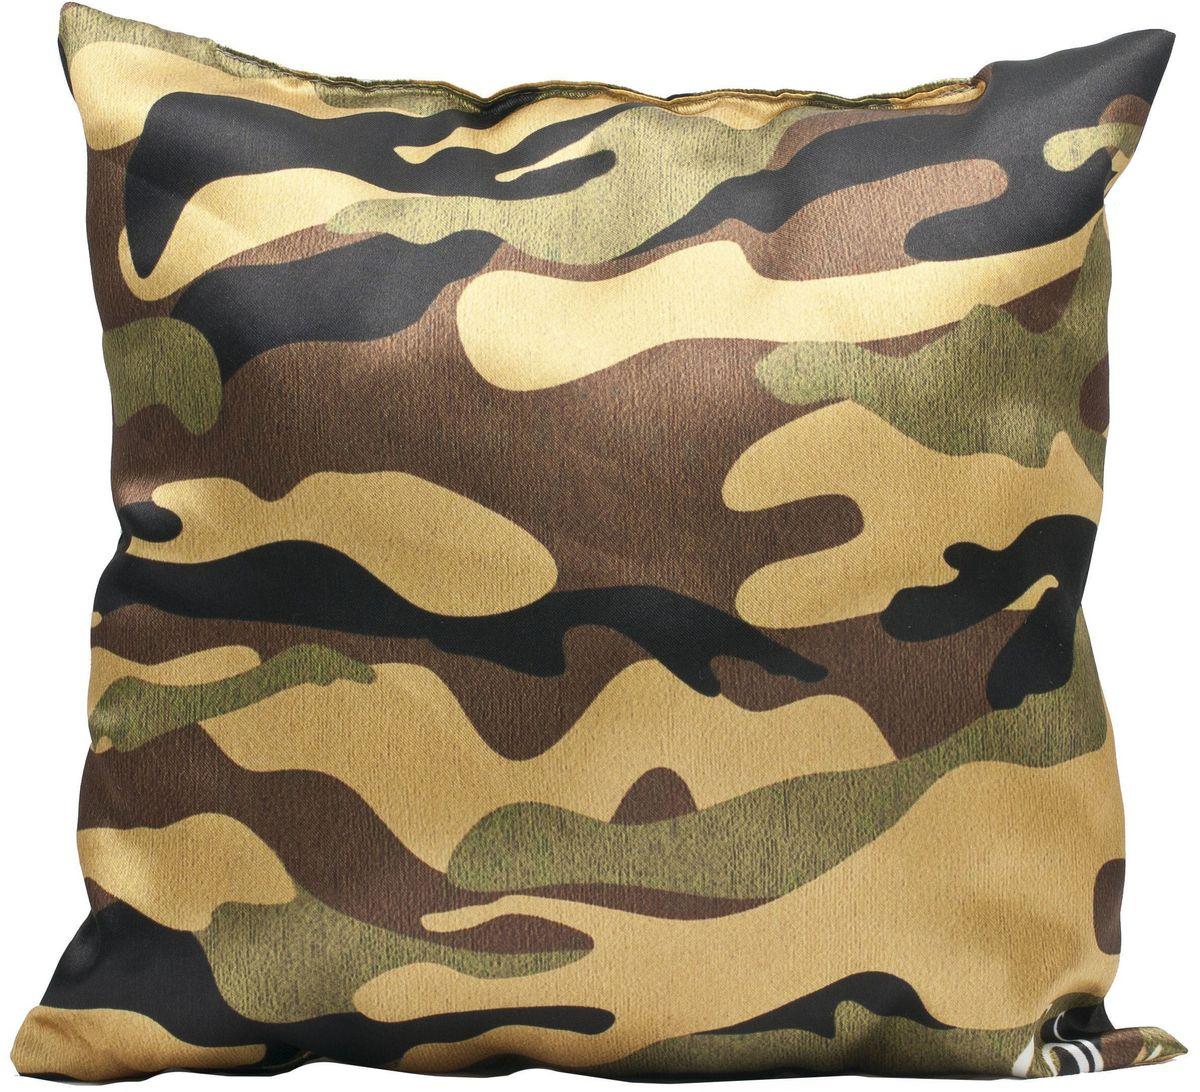 Подушка декоративная Главдор GL-527. Камуфляж, с рисунком, 30х30 см37071Декоративные подушки c апликацией в салон автомобиля.